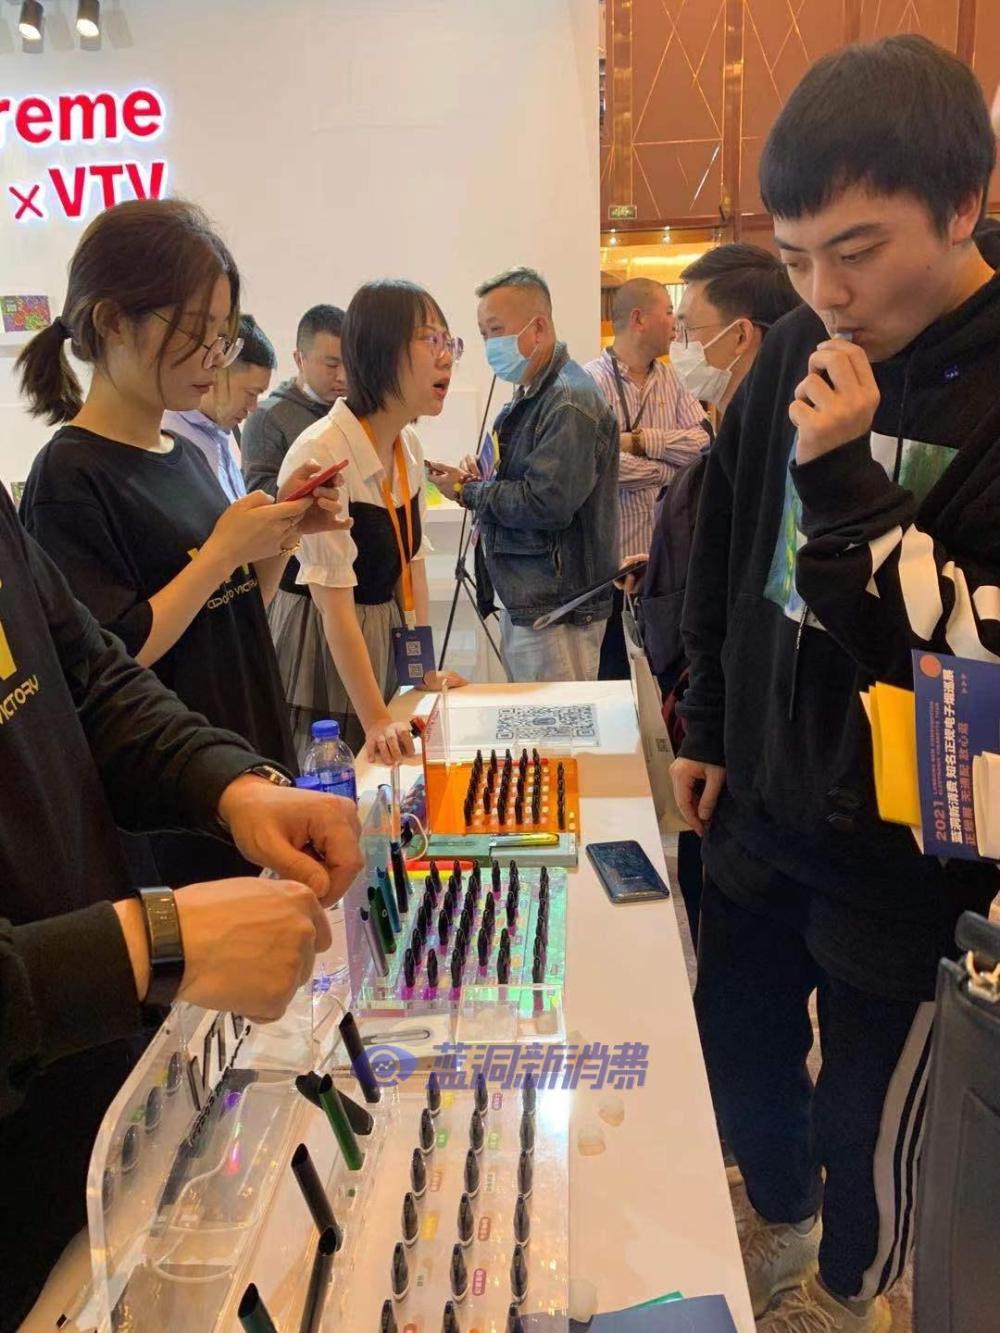 沈阳站探展VTV电子烟:引流利器8块8低价产品Smart亮相